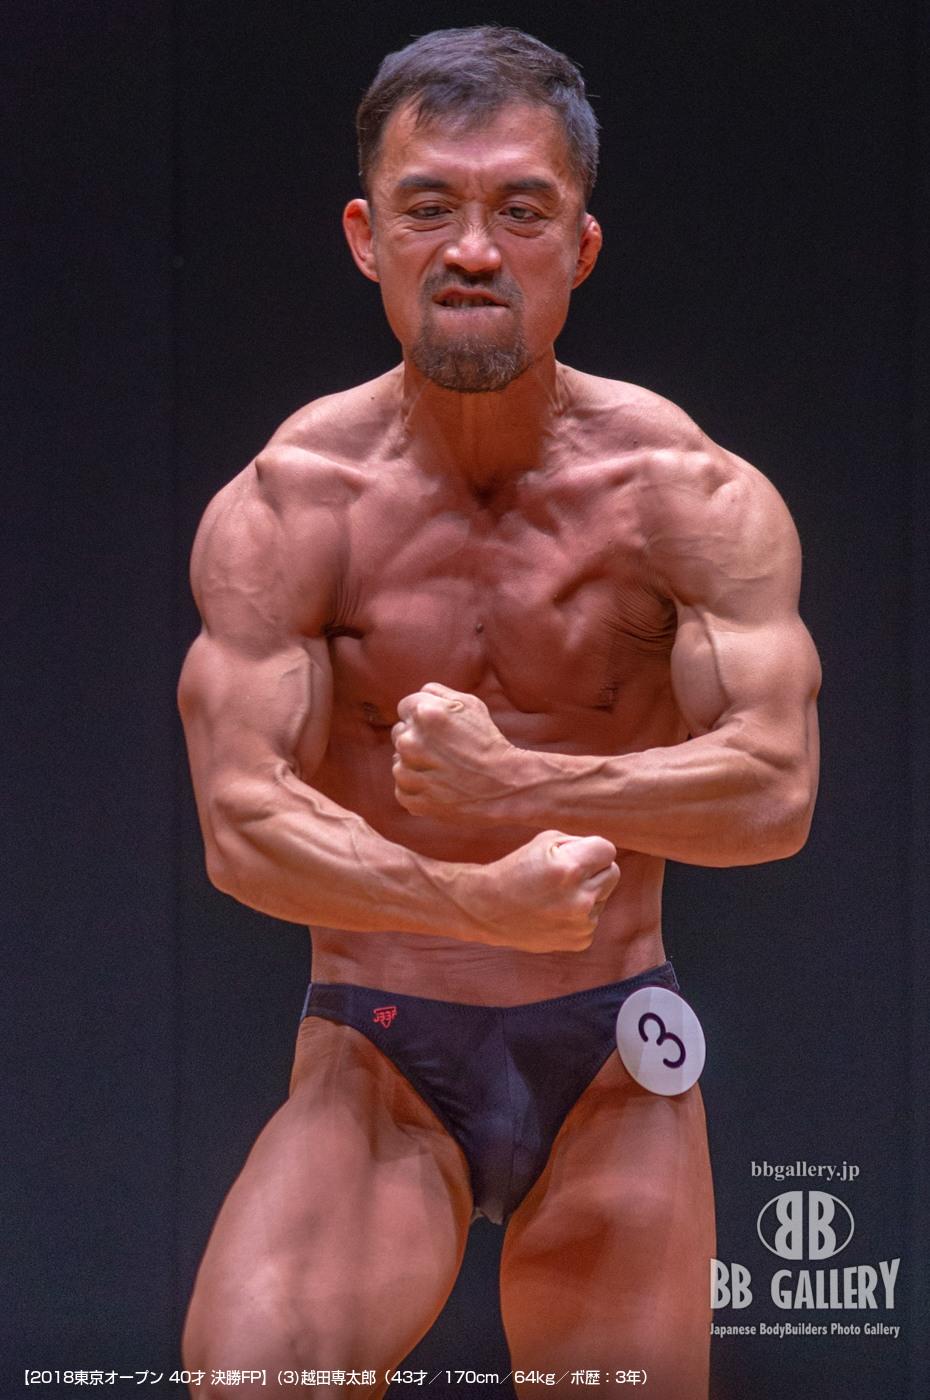 【2018東京オープン 40才 決勝FP】(3)越田専太郎(43才/170cm/64kg/ボ歴:3年)